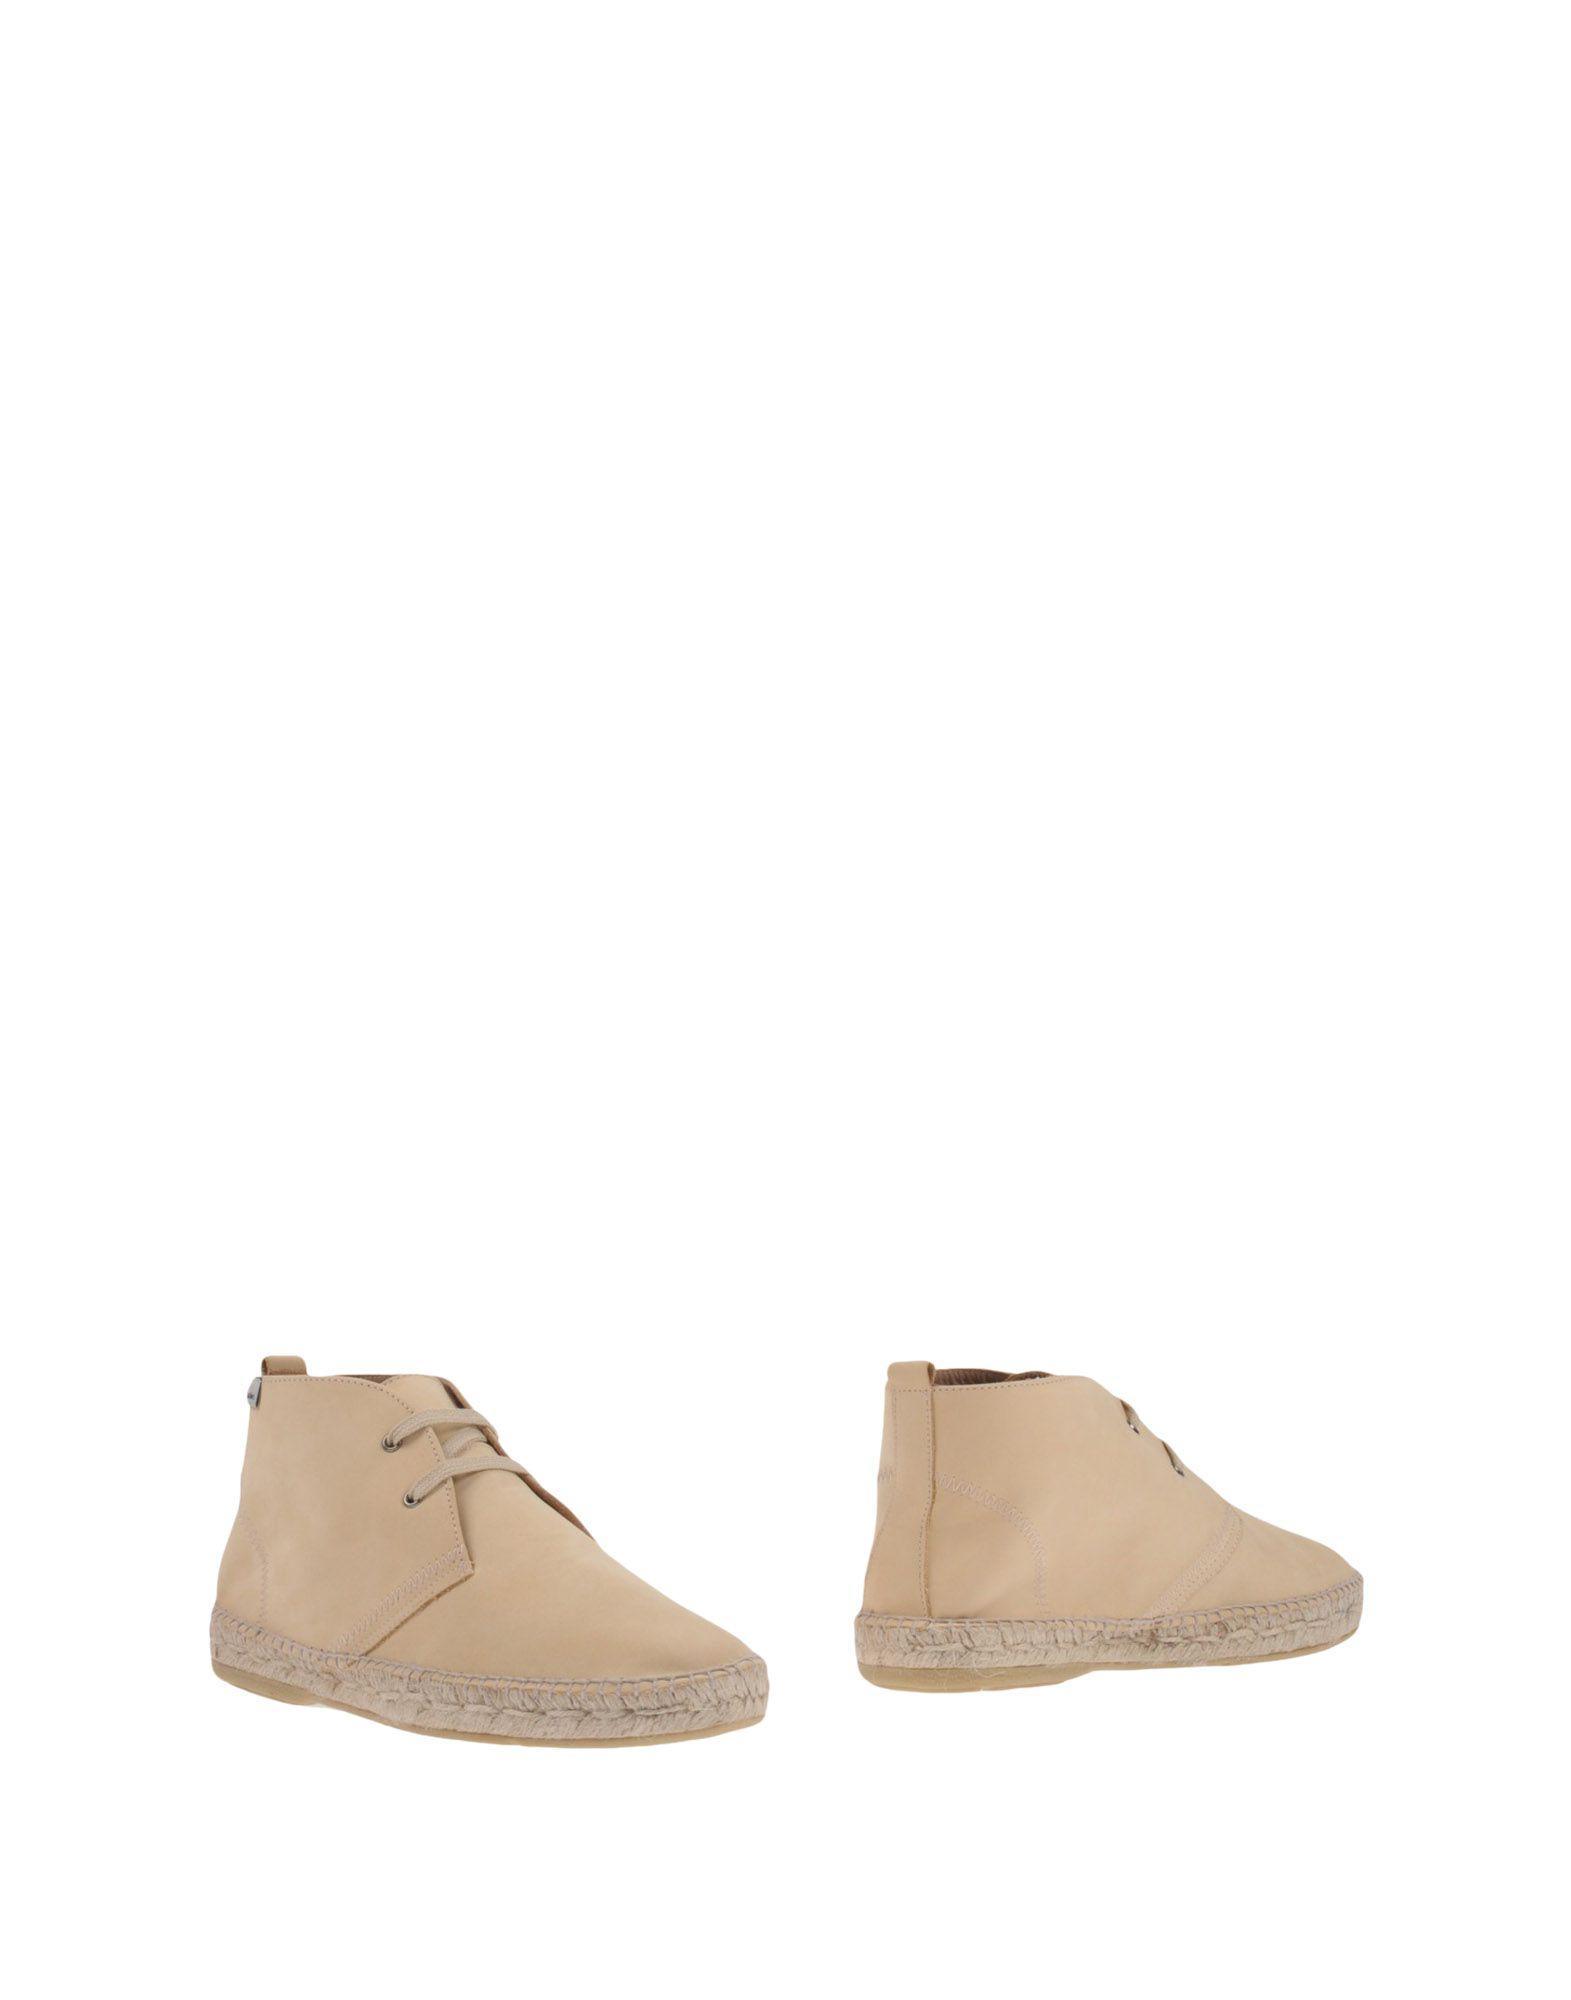 Espadrilles Boots In Beige